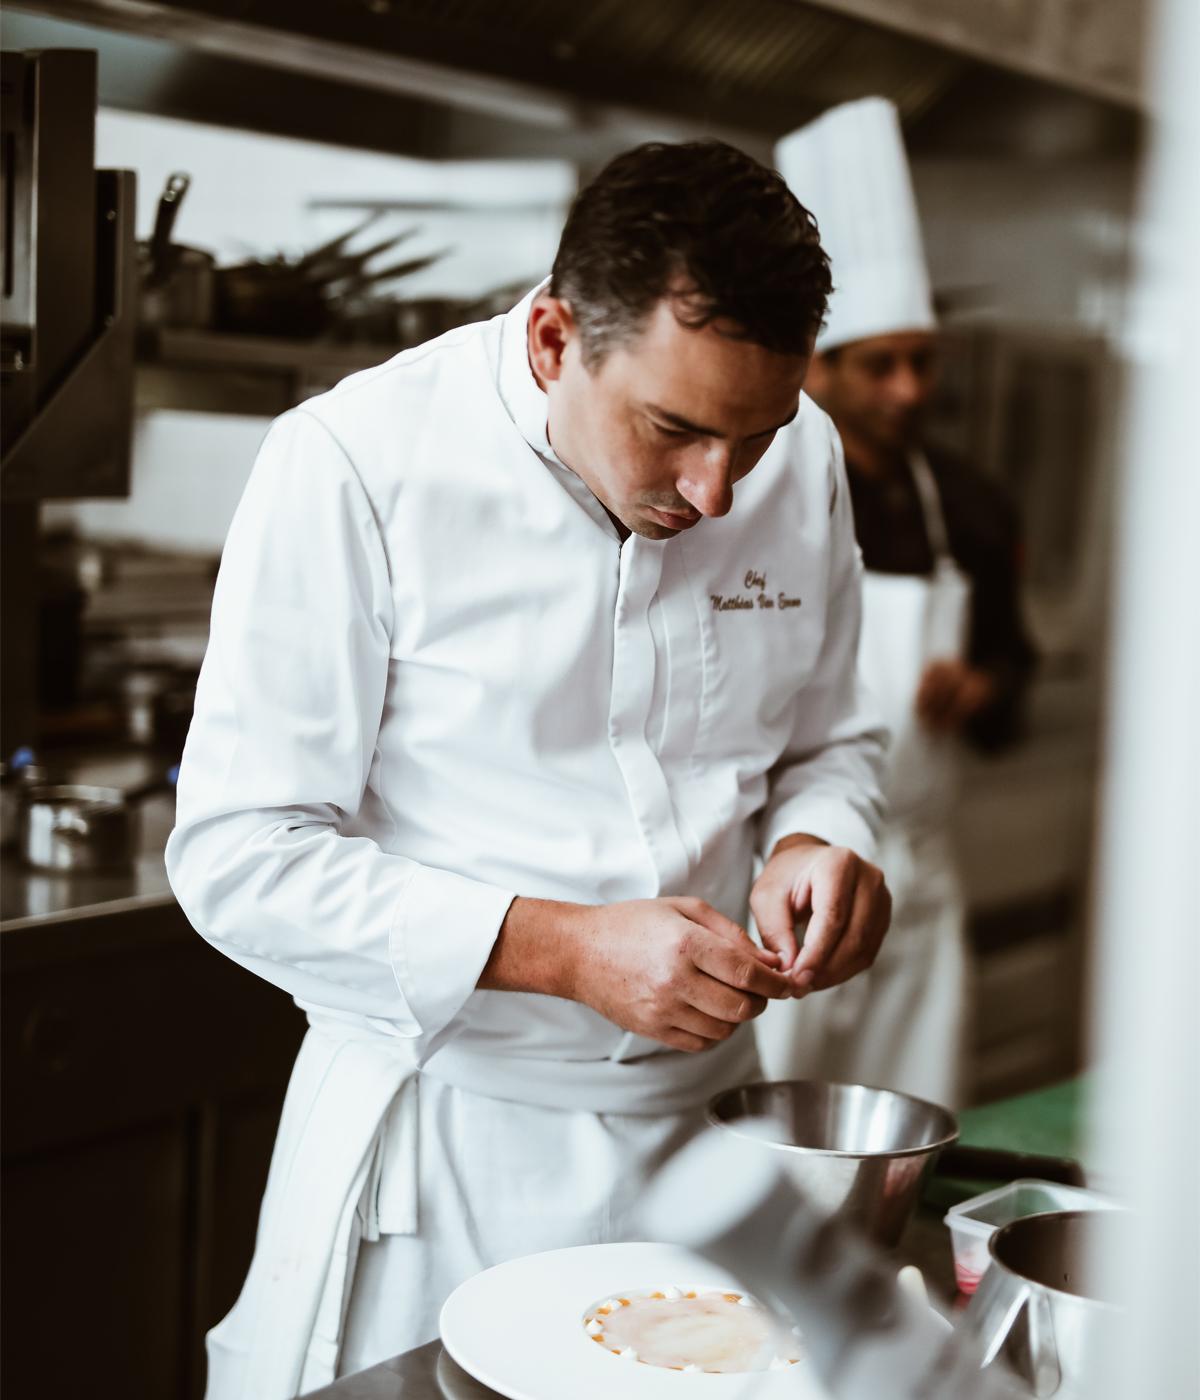 chef van eenoo cuisine